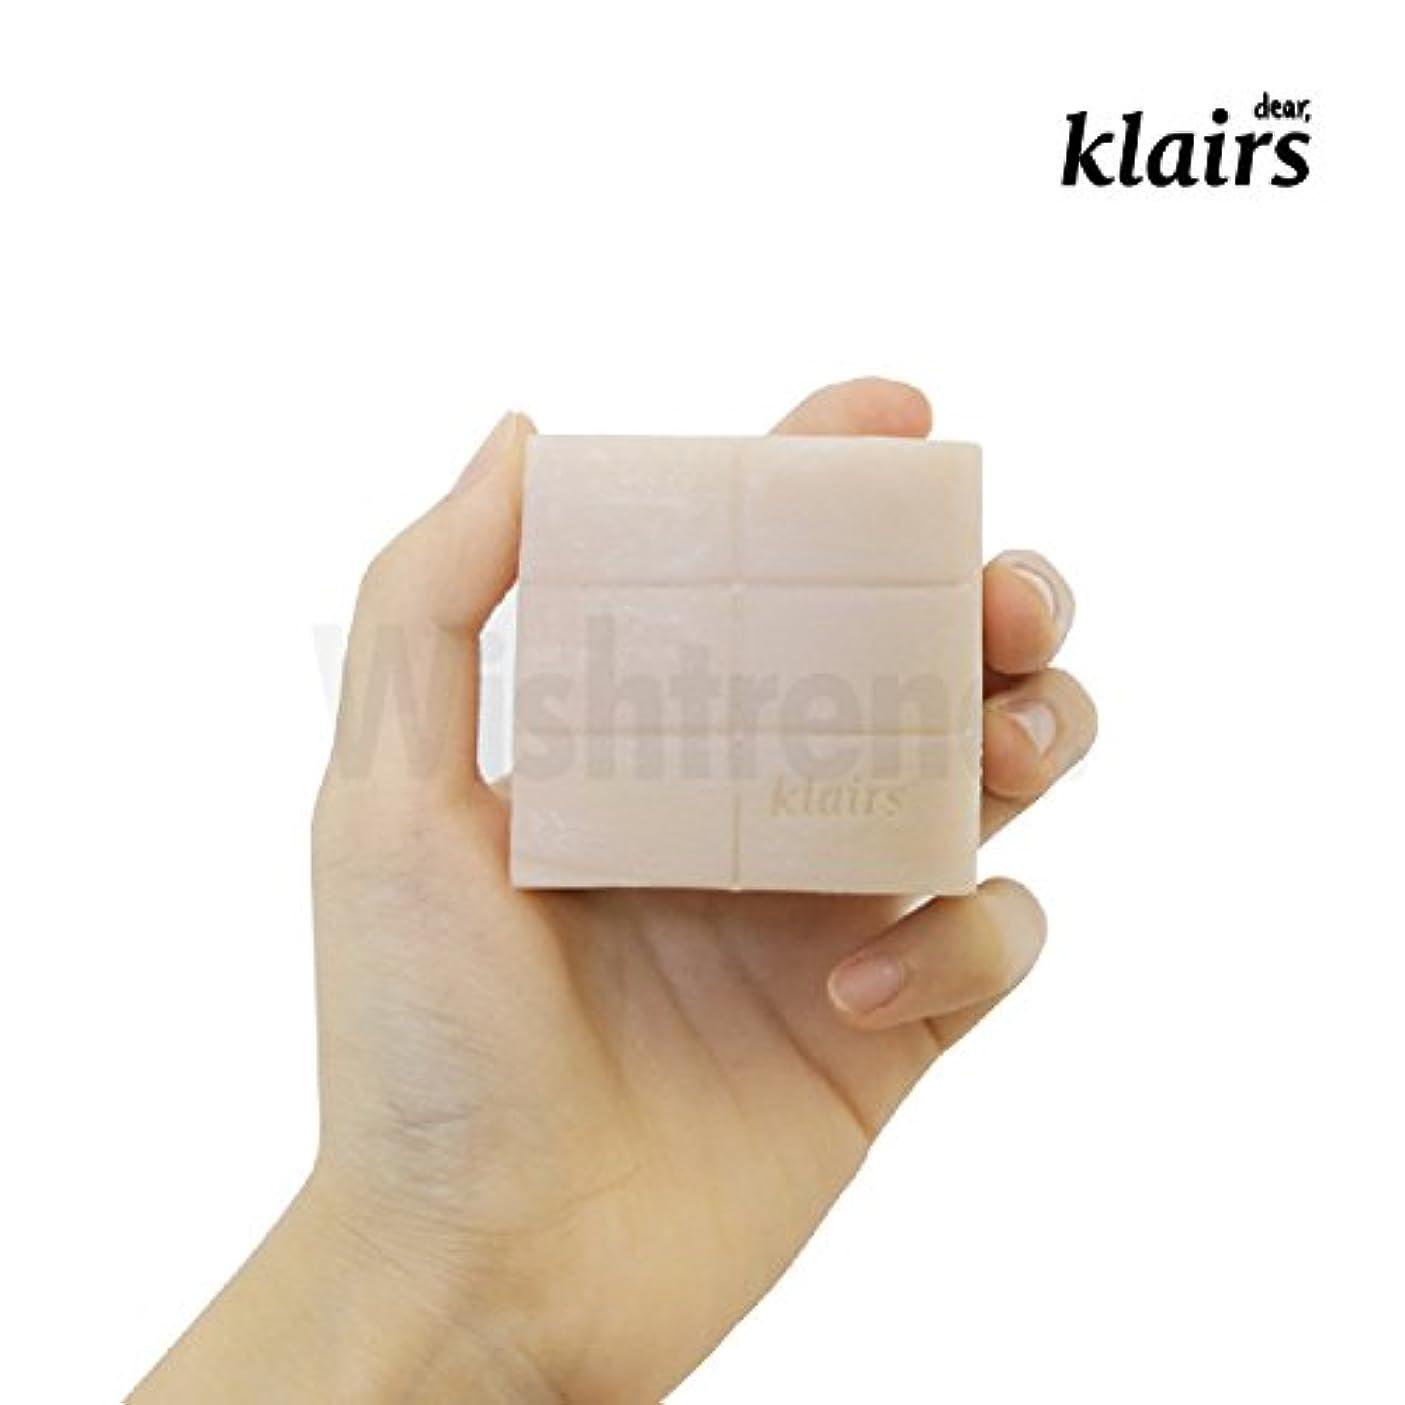 ツインペイント目指す【クレアス】リッチモイストフェイシャルソープ120g|石けん?石鹸?フェイシャルソープ?ソープ?敏感肌|[dear,klairs] Be Clean Natural Soap 120g